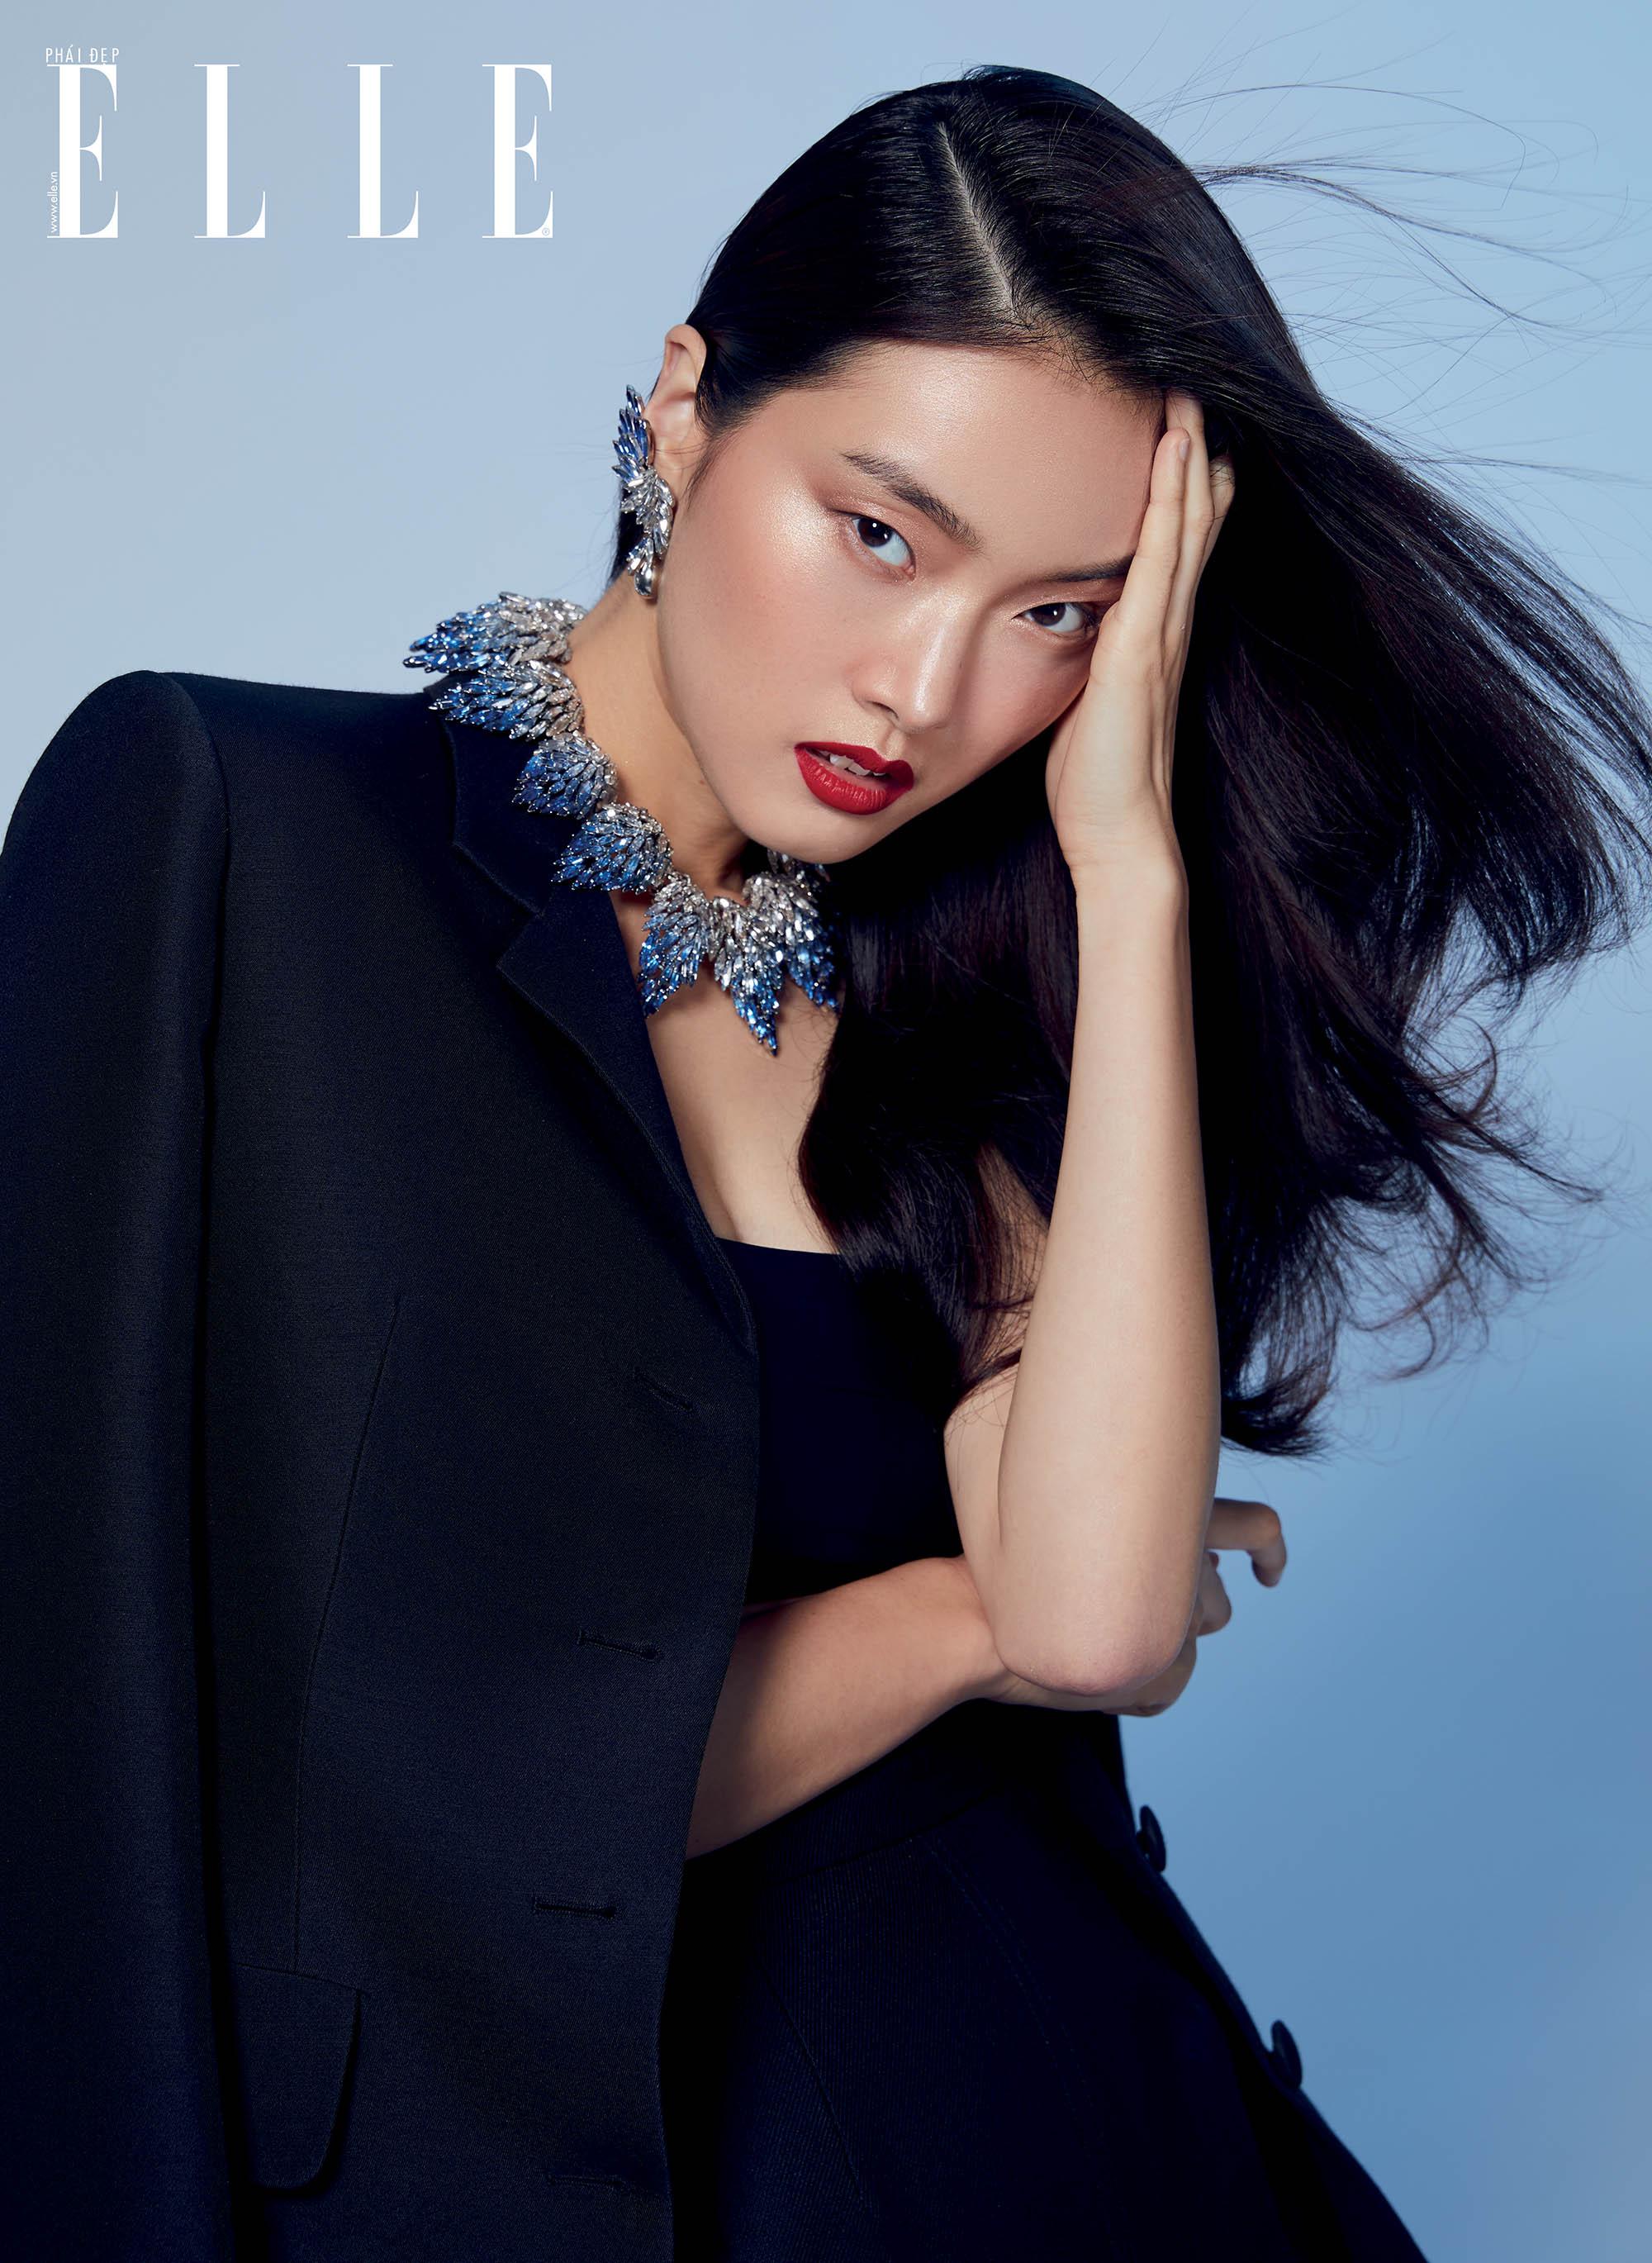 Louis Vuitton người mẫu với trang phục xanh navy